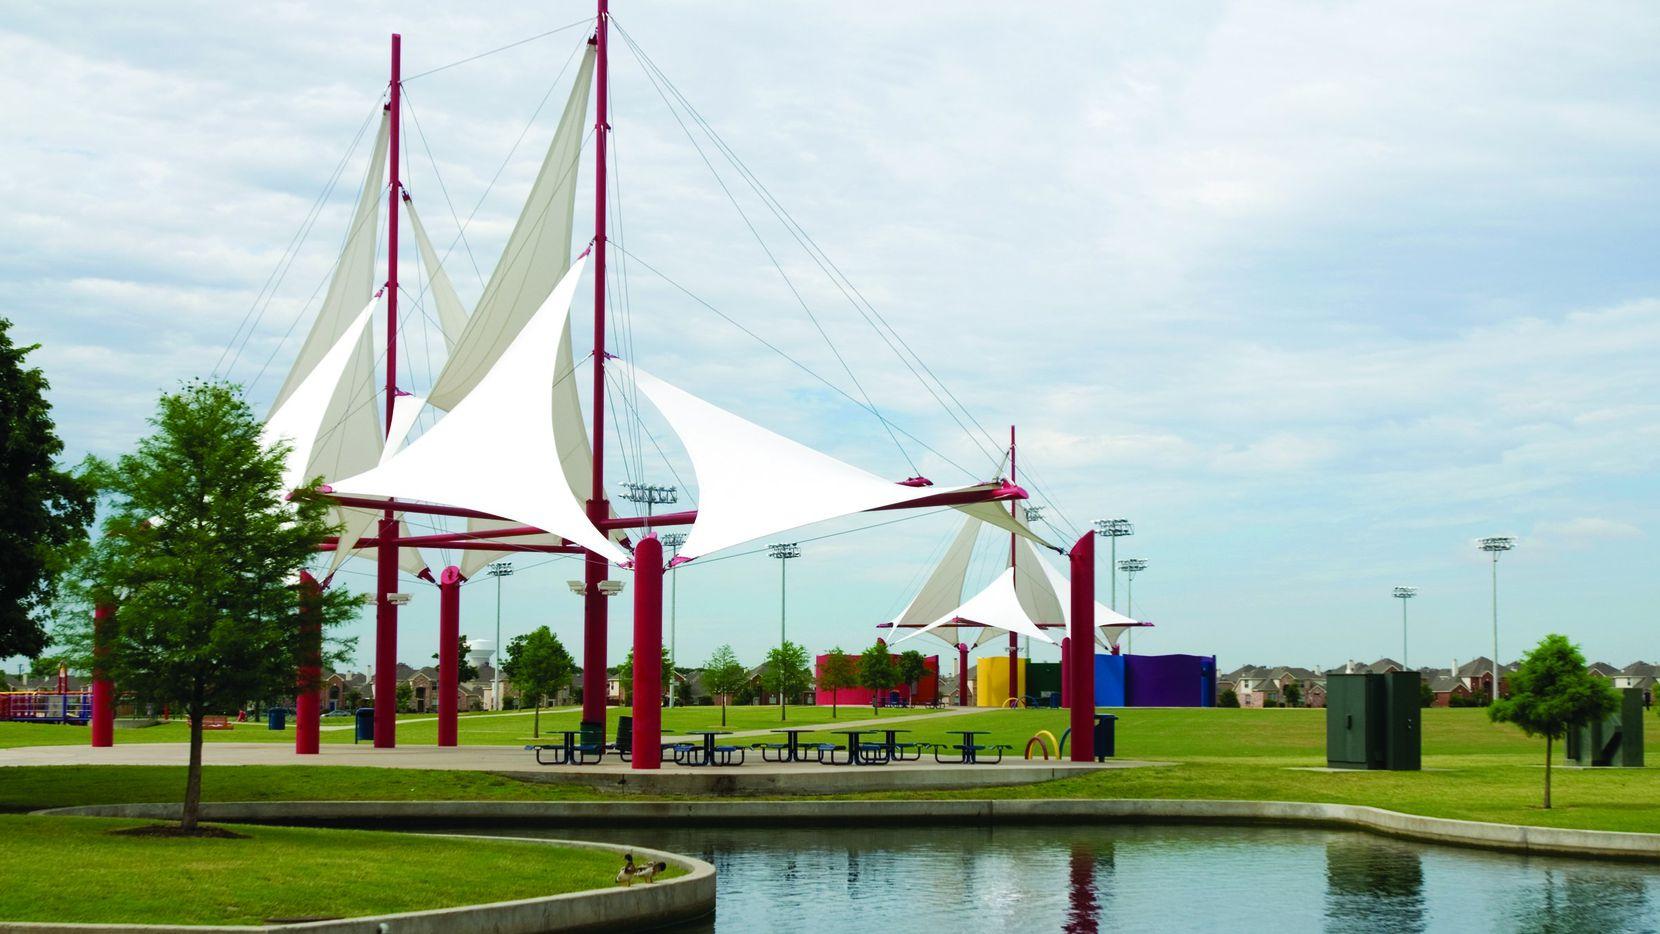 Celebration Park in 2009